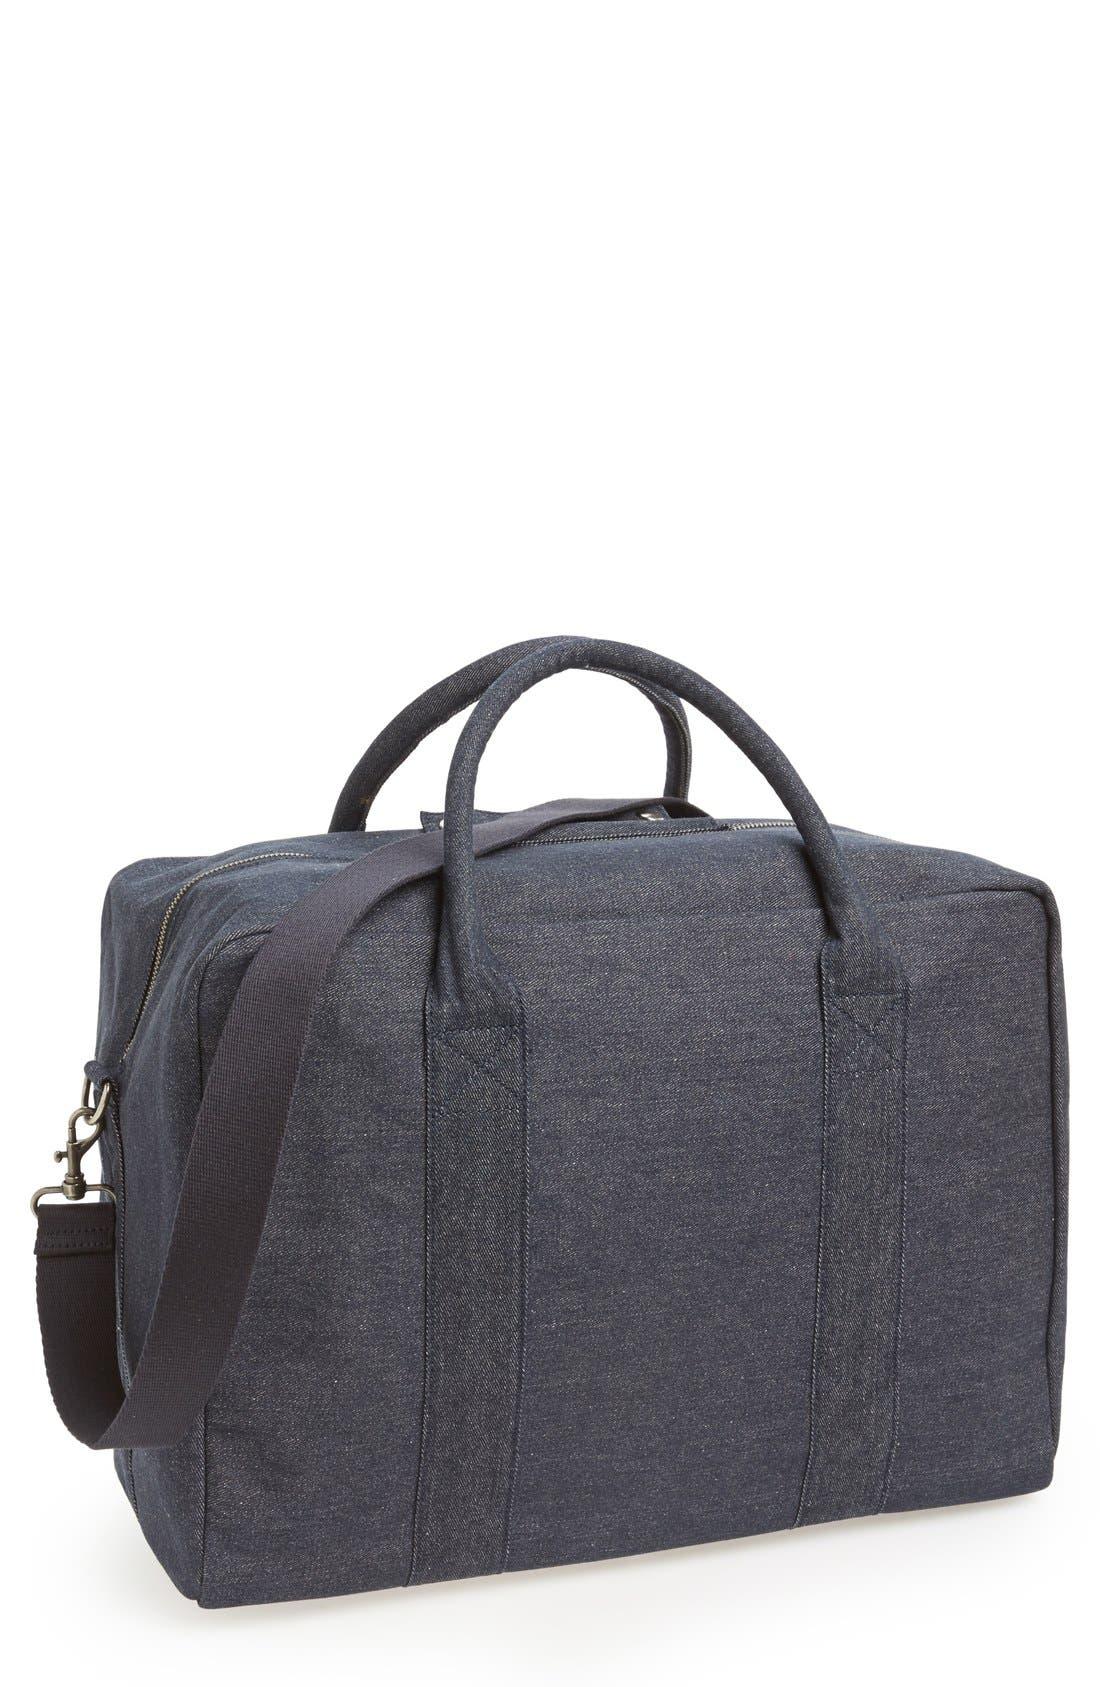 Denim Duffle Bag, Main, color, 461